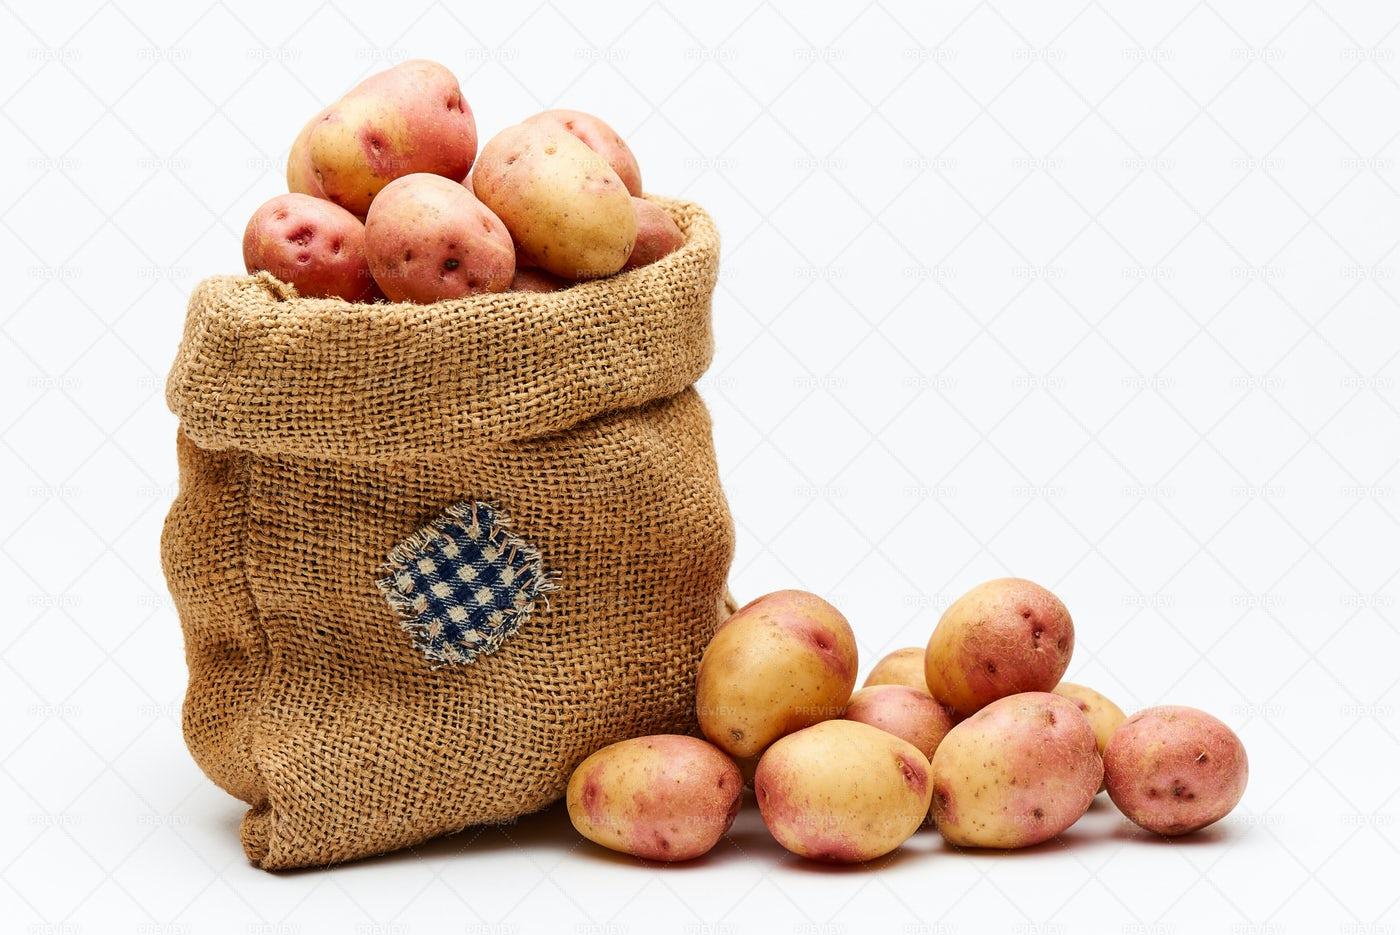 Bag With Potatoes.: Stock Photos